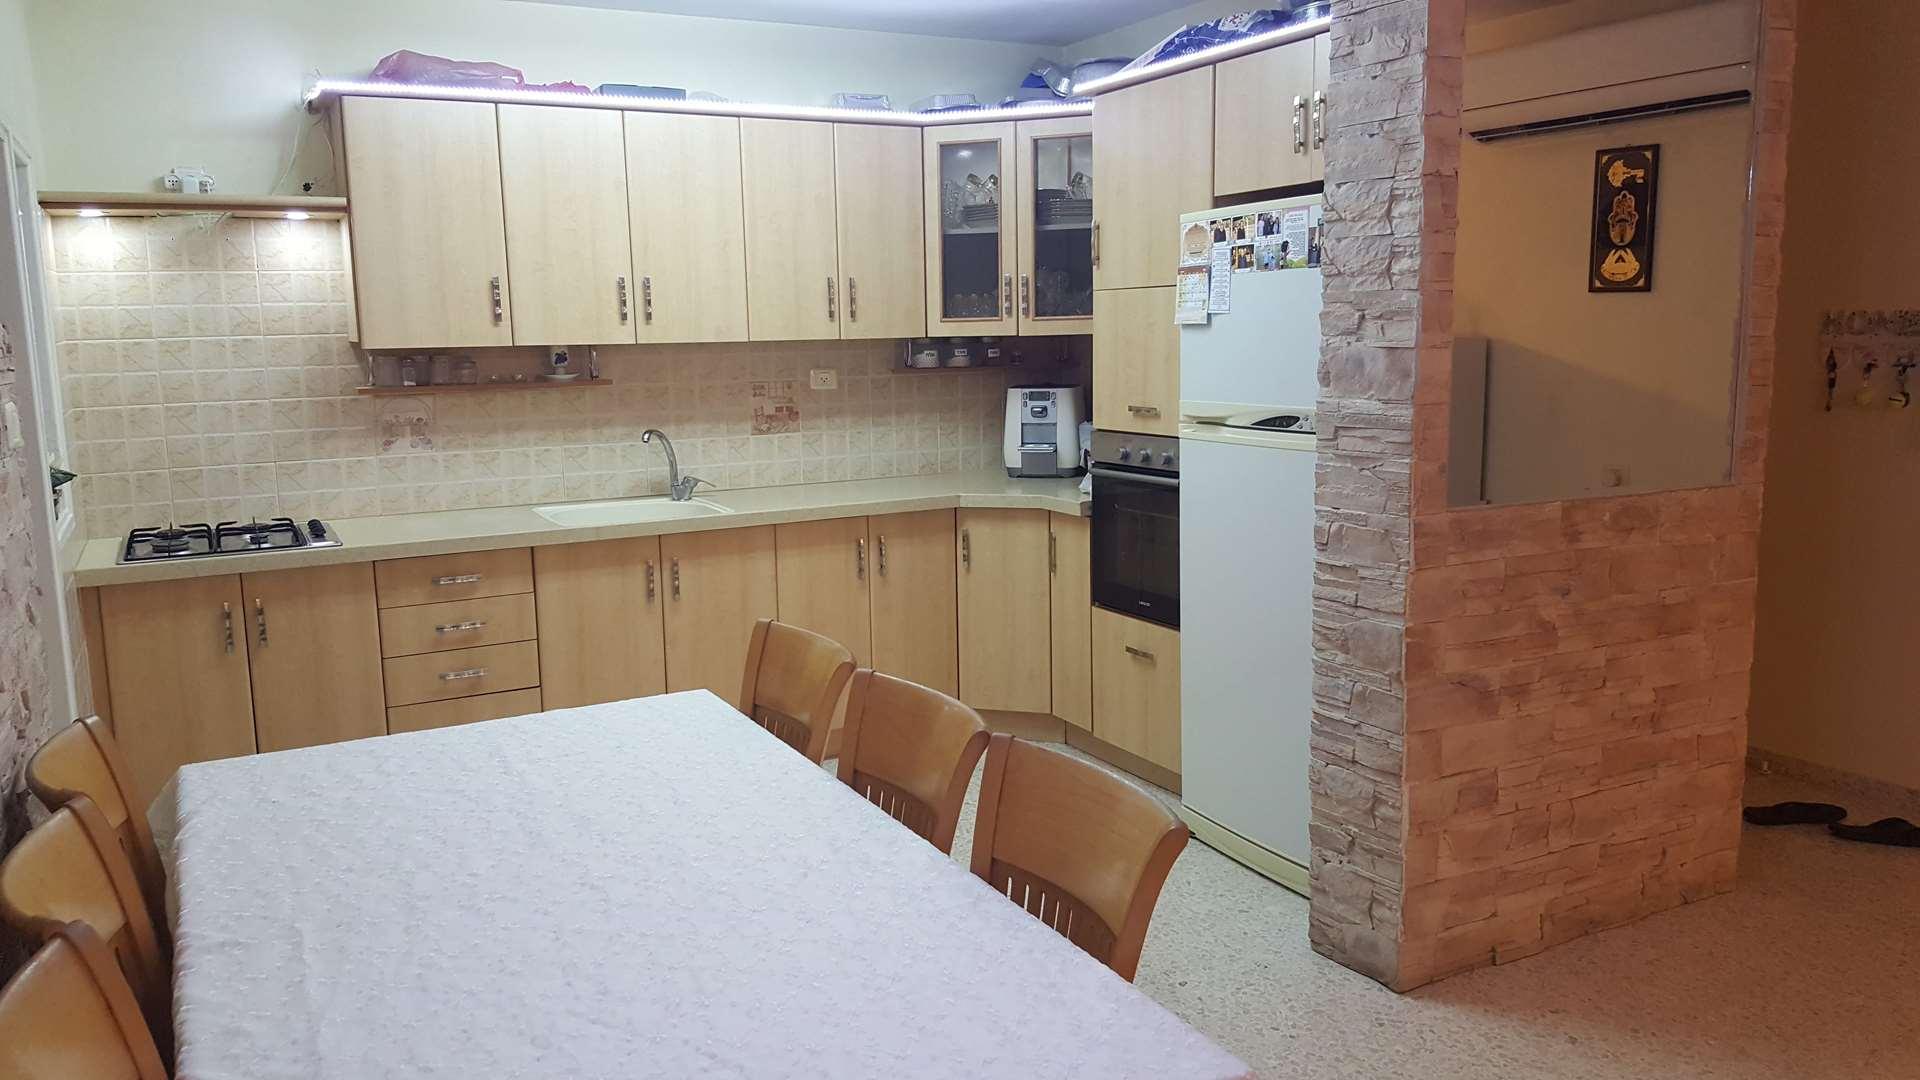 דירה למכירה 4 חדרים בבאר שבע שרה ואהרון אהרונסון נחל עשן-נווה מנחם